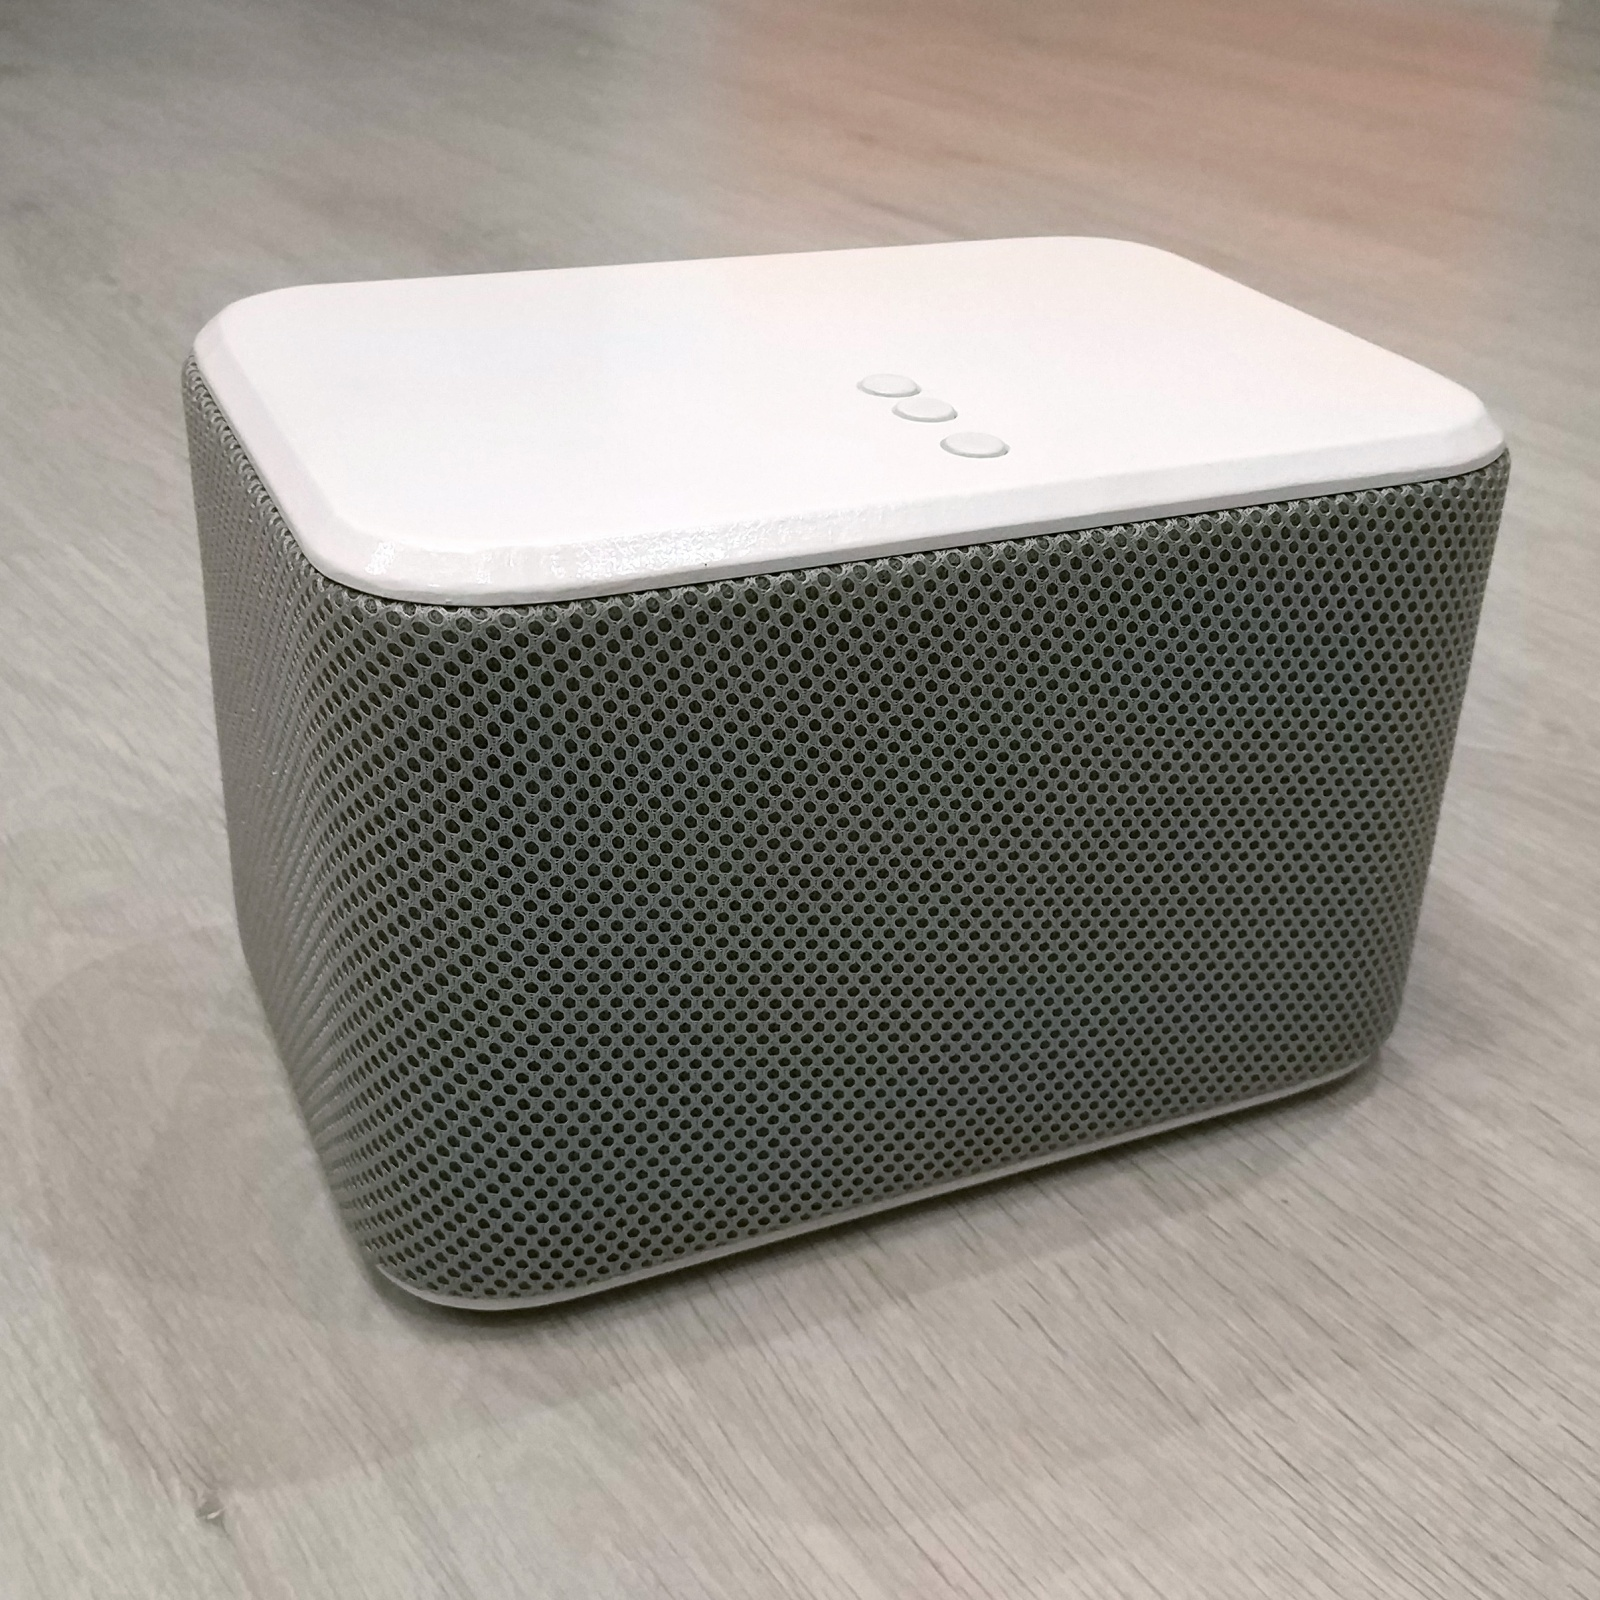 Pi-Sonos: хобби, вышедшее из-под контроля - 7